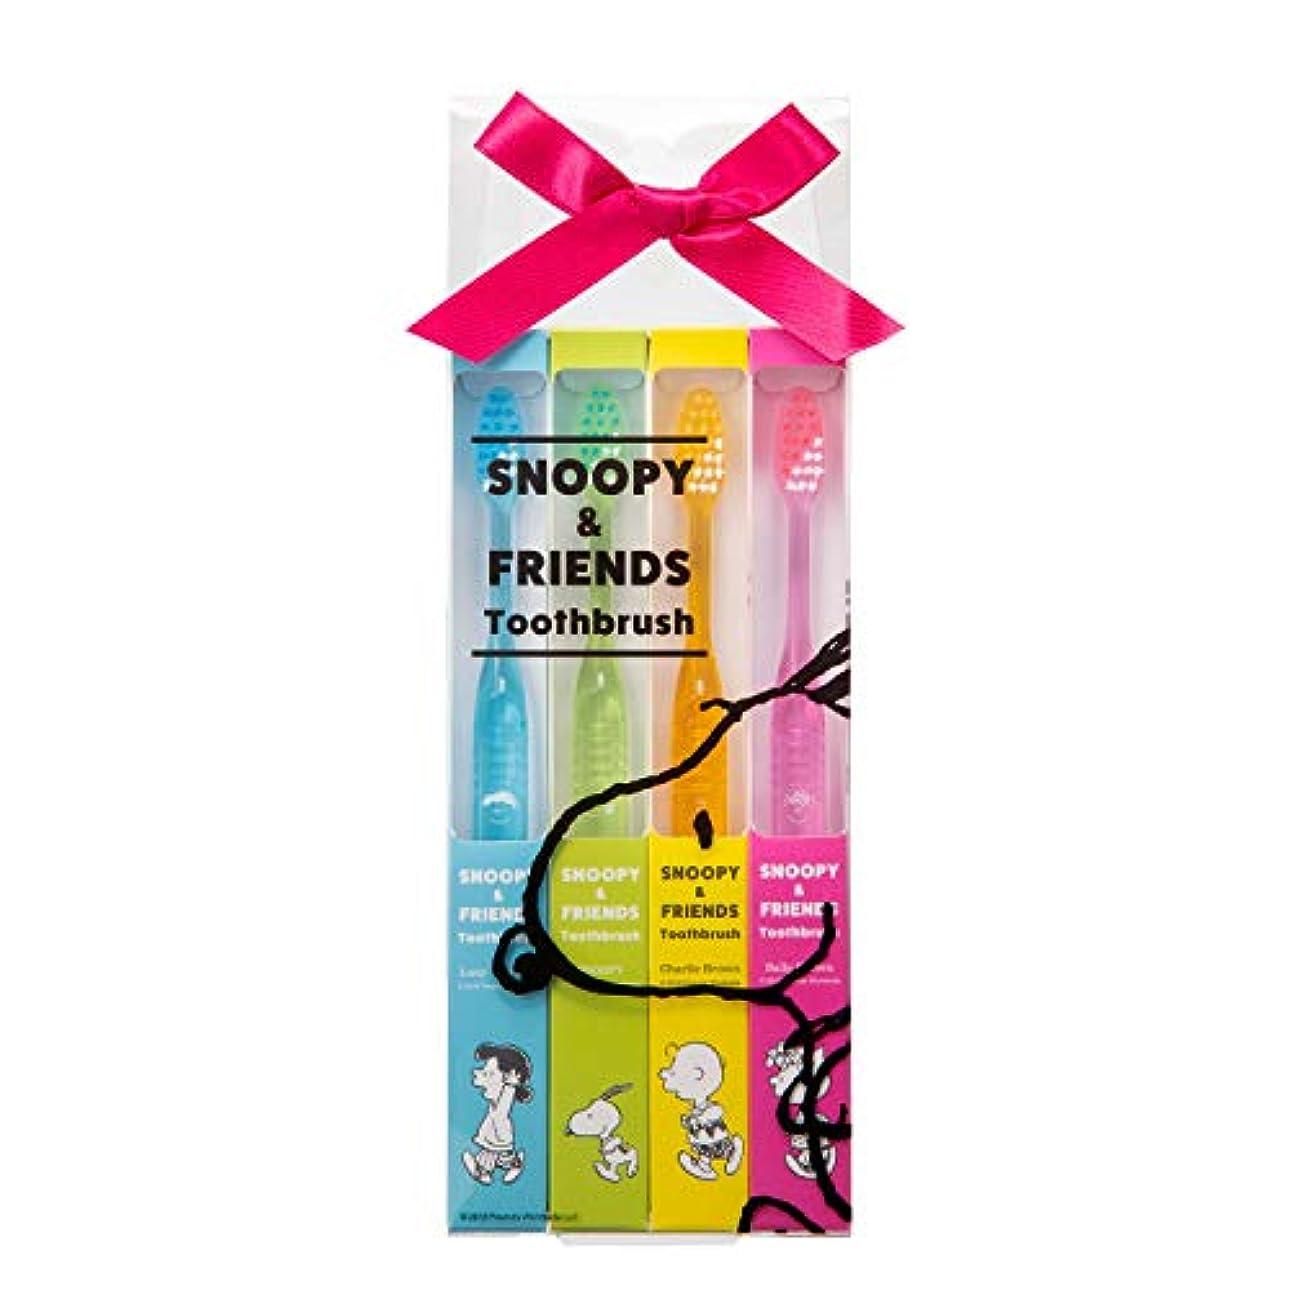 ヘルメット蚊キャンセルファイン スヌーピー&フレンズ歯ブラシ ギフトボックス(4本入り)